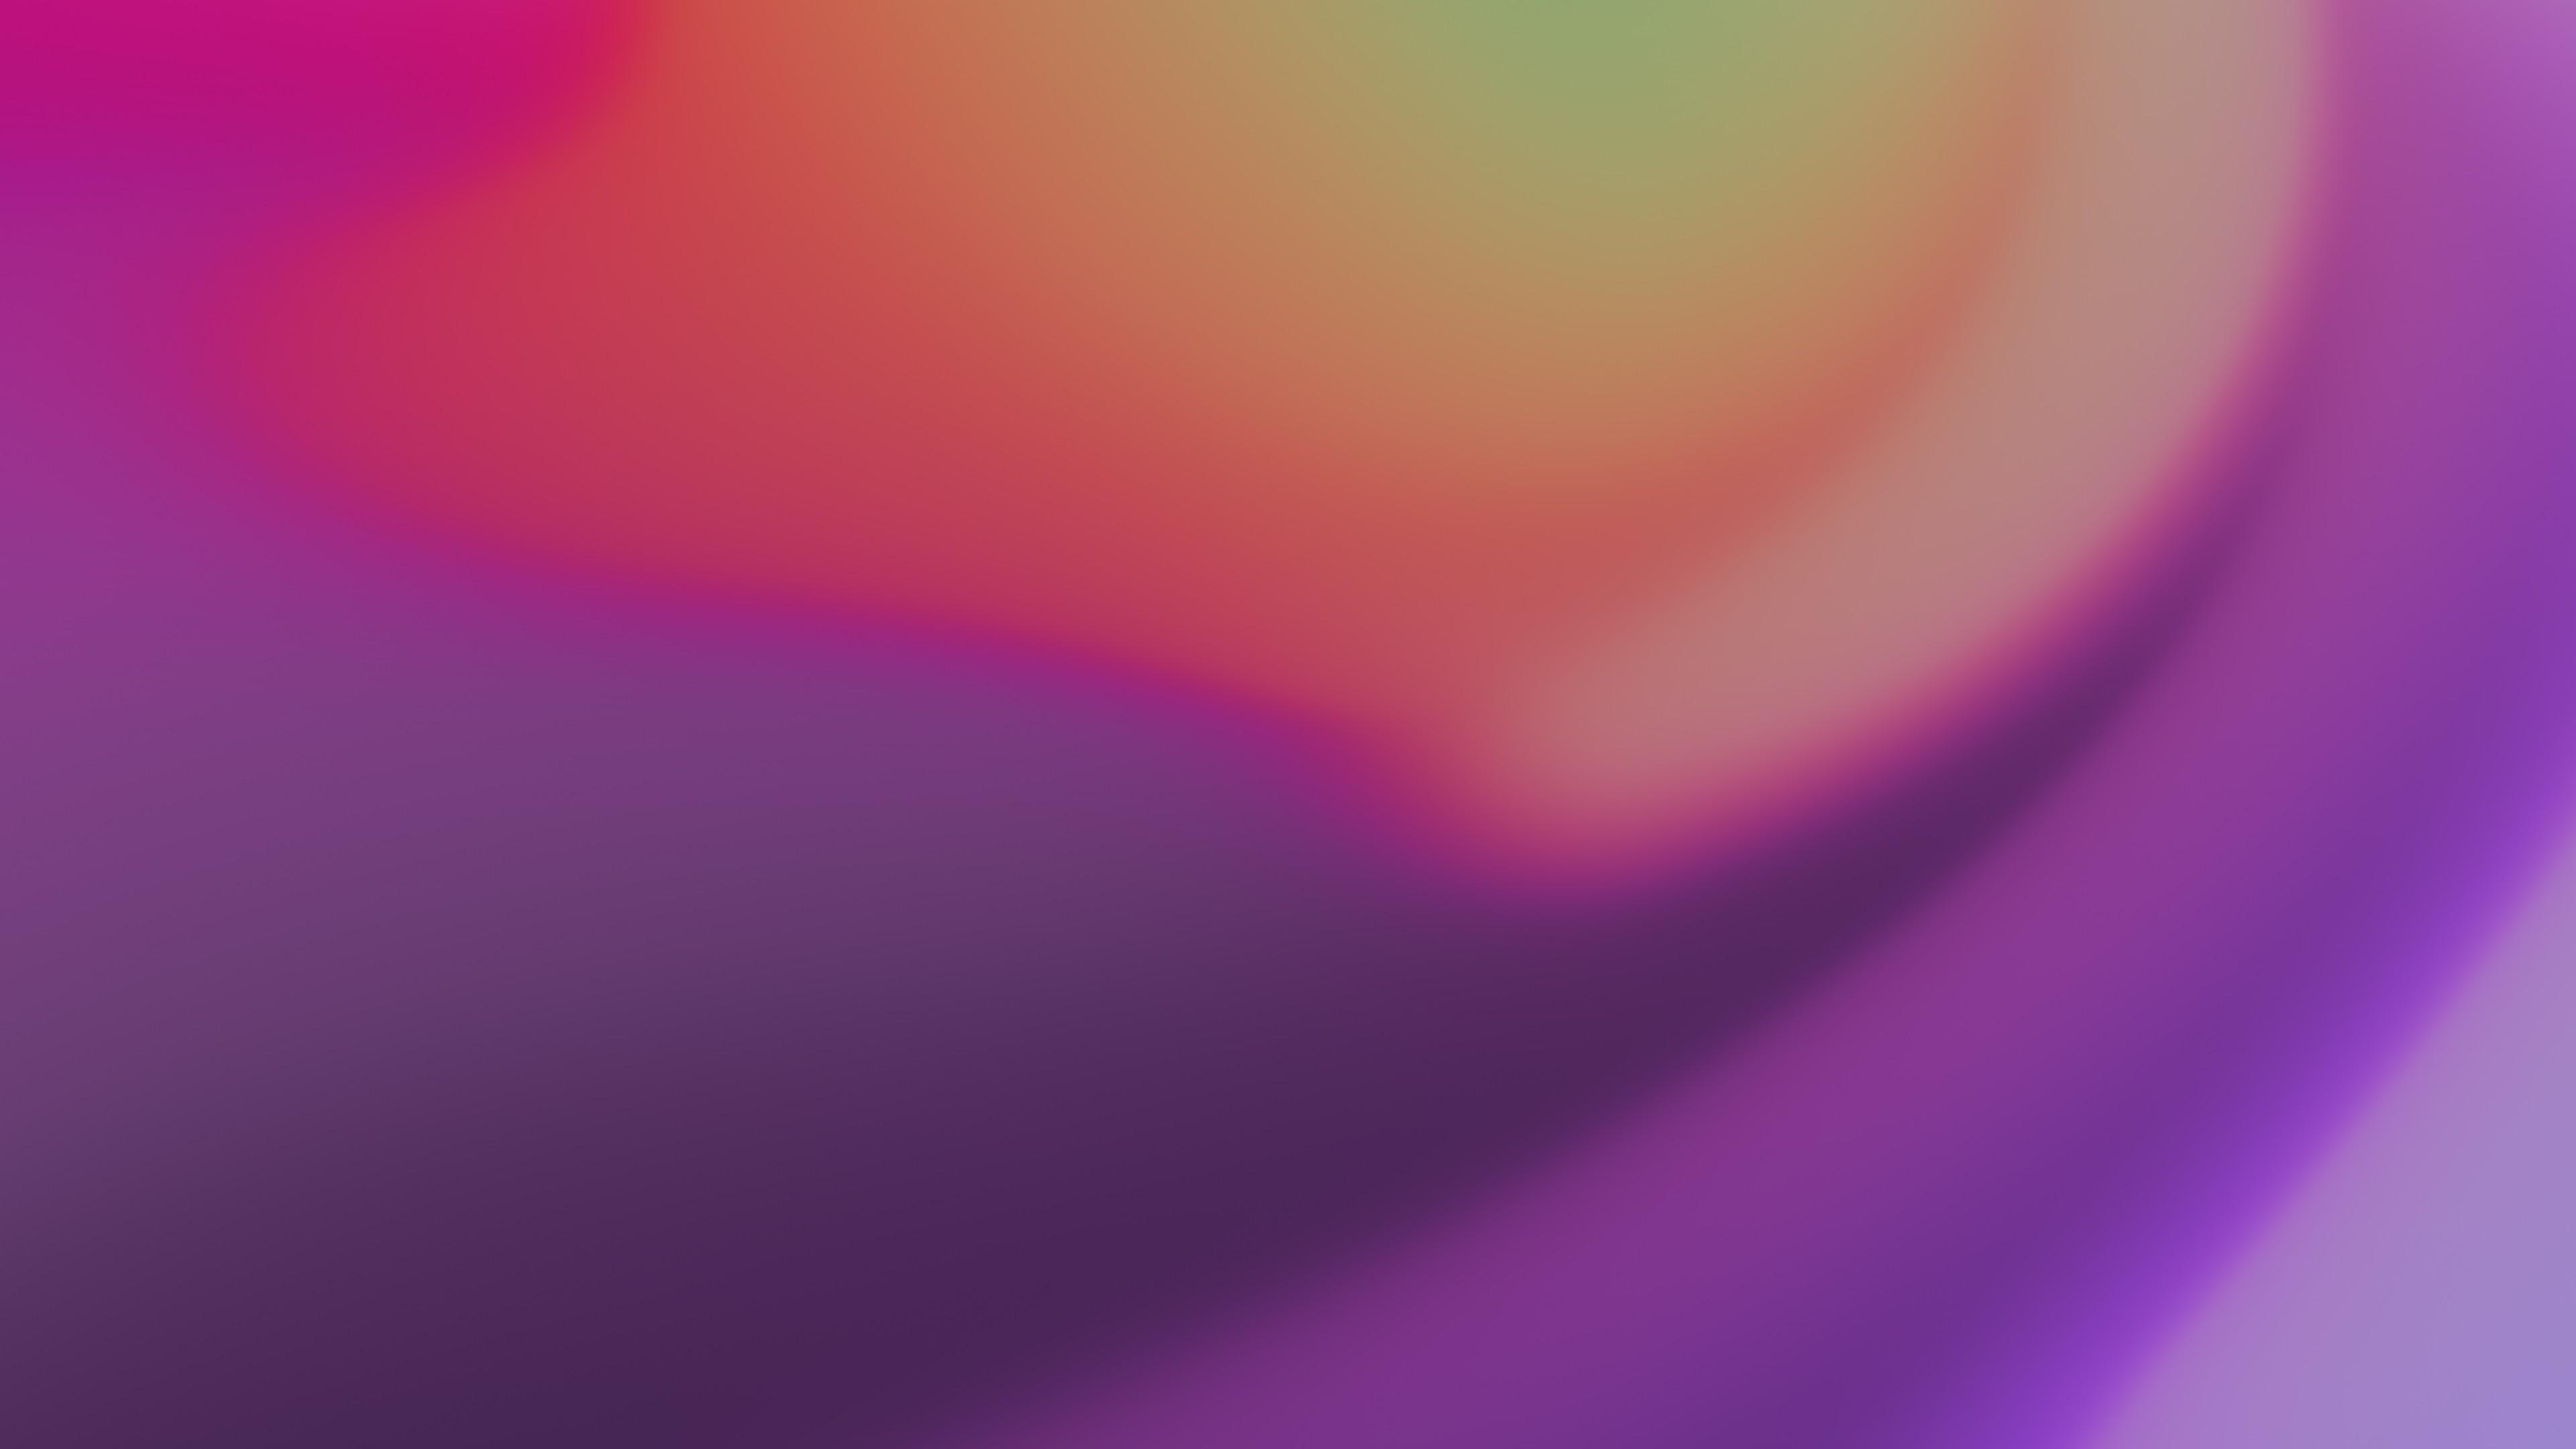 Желто-оранжевая абстрактная фигура в лучах ультрафиолета